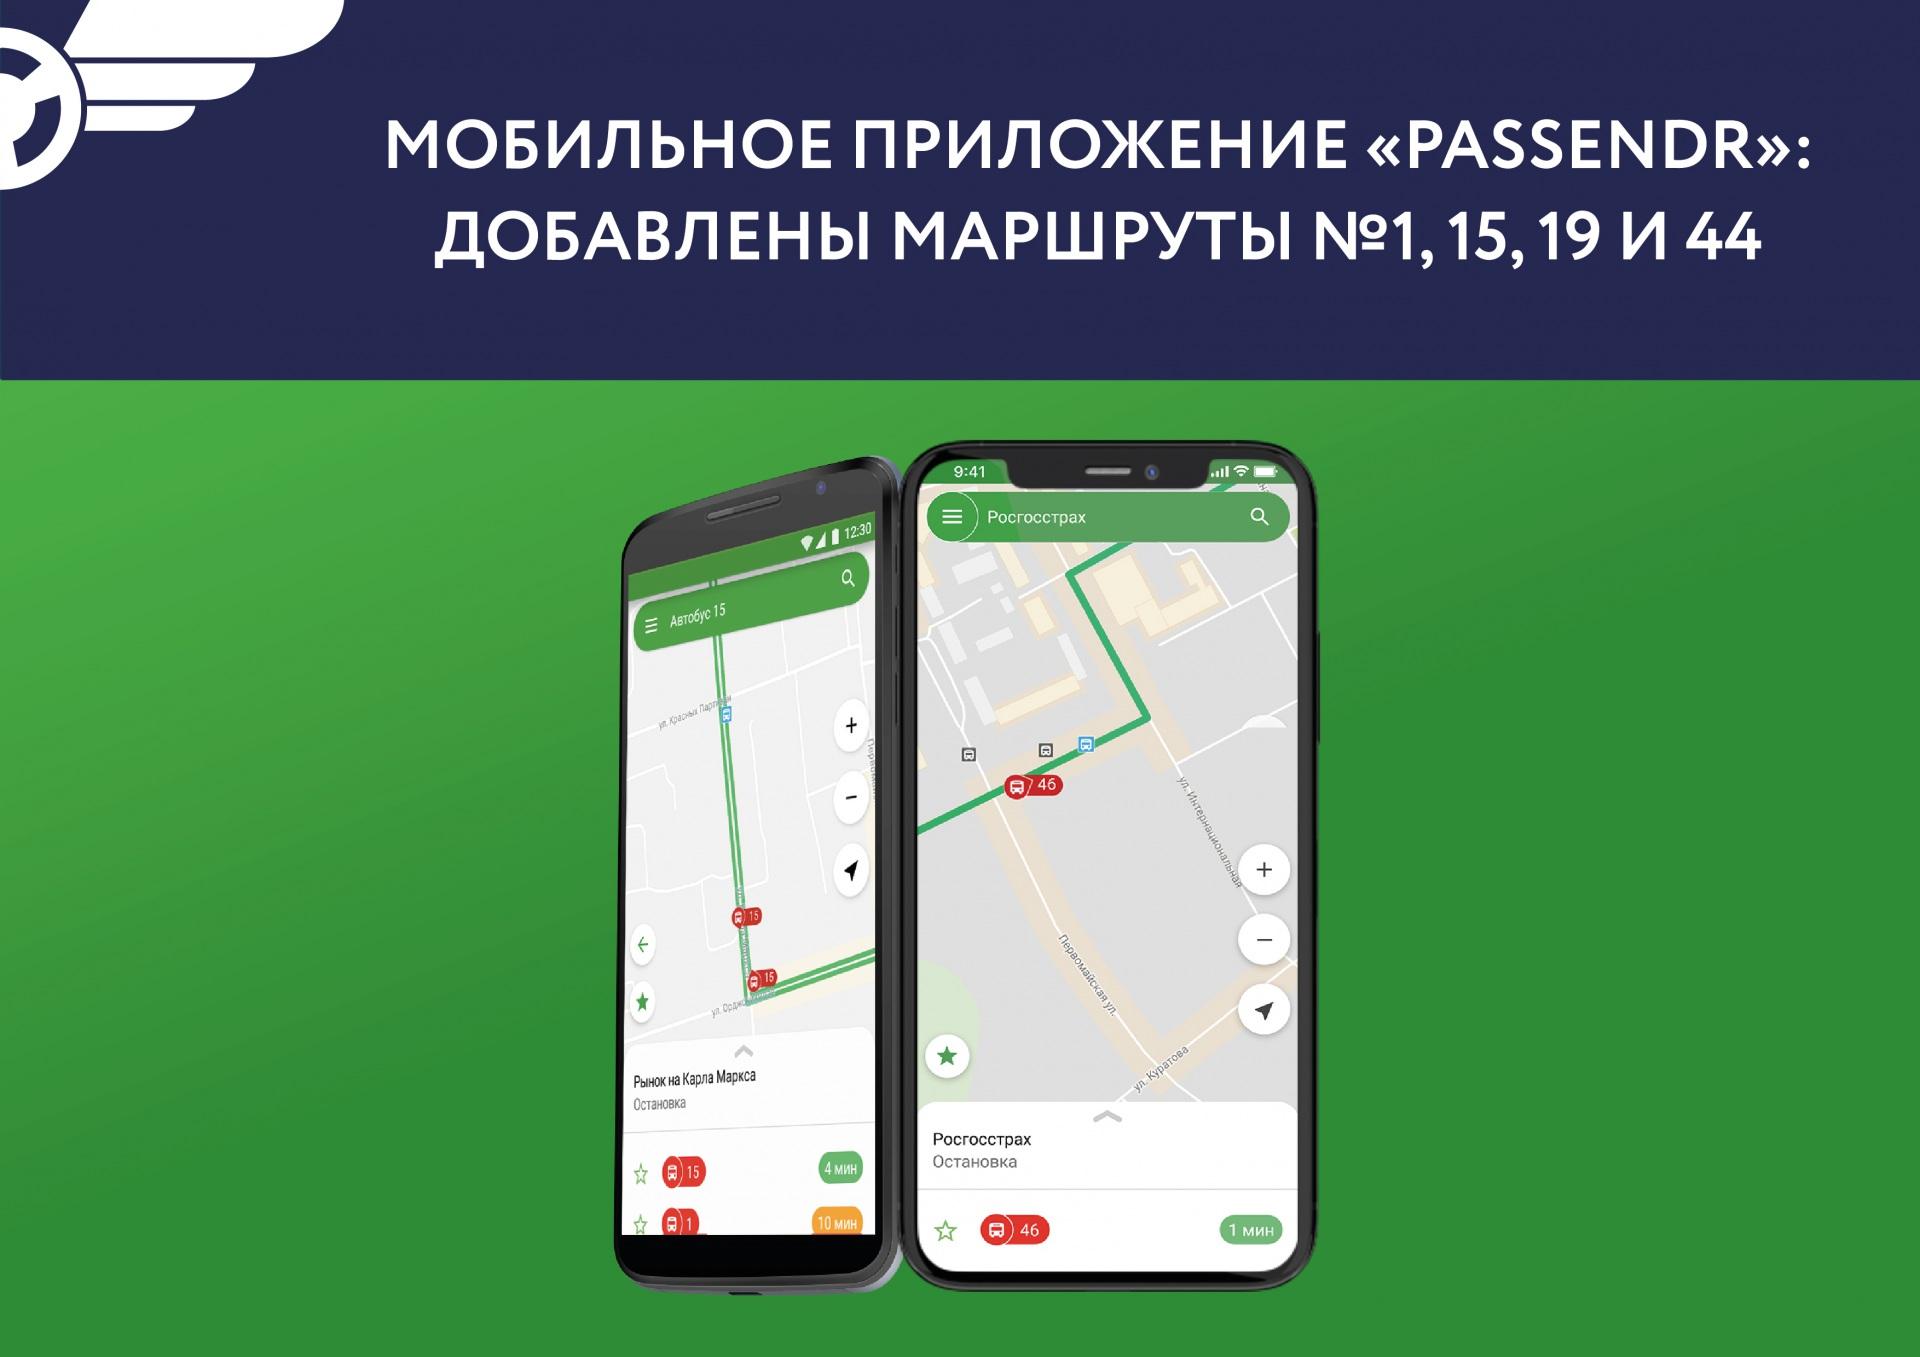 Post-dlya-VK_Mobilnoe-priloghenie_1-15-19-i-44.jpg